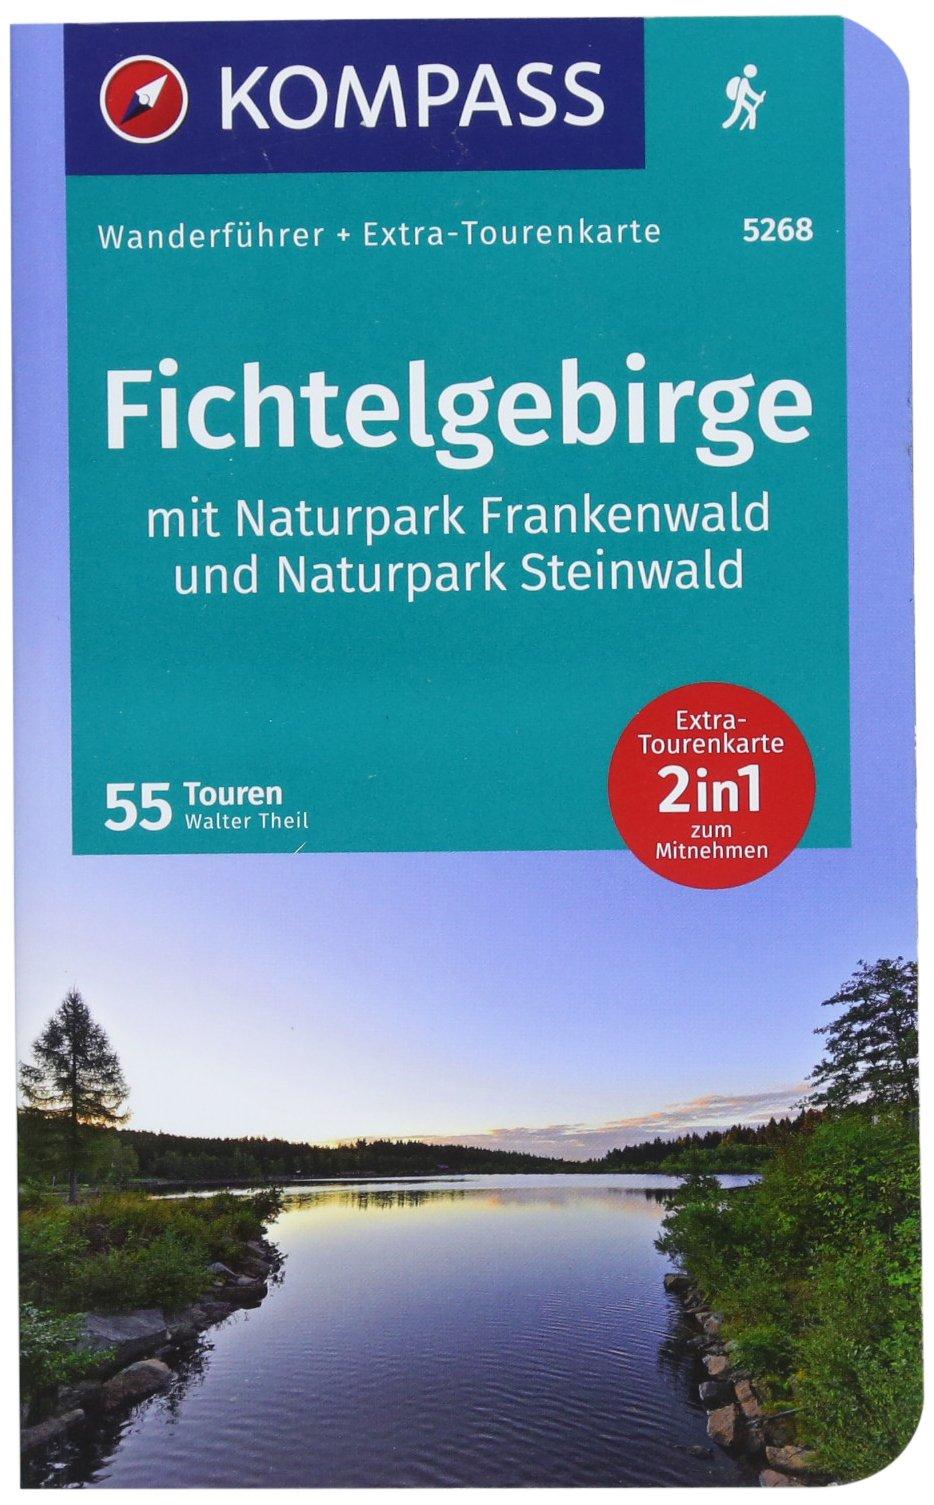 Fichtelgebirge mit Naturpark Frankenwald und Naturpark Steinwald: Wanderführer mit Extra-Tourenkarte 1:65000, 55Touren, GPX-Daten zum Download. (KOMPASS-Wanderführer, Band 5268)